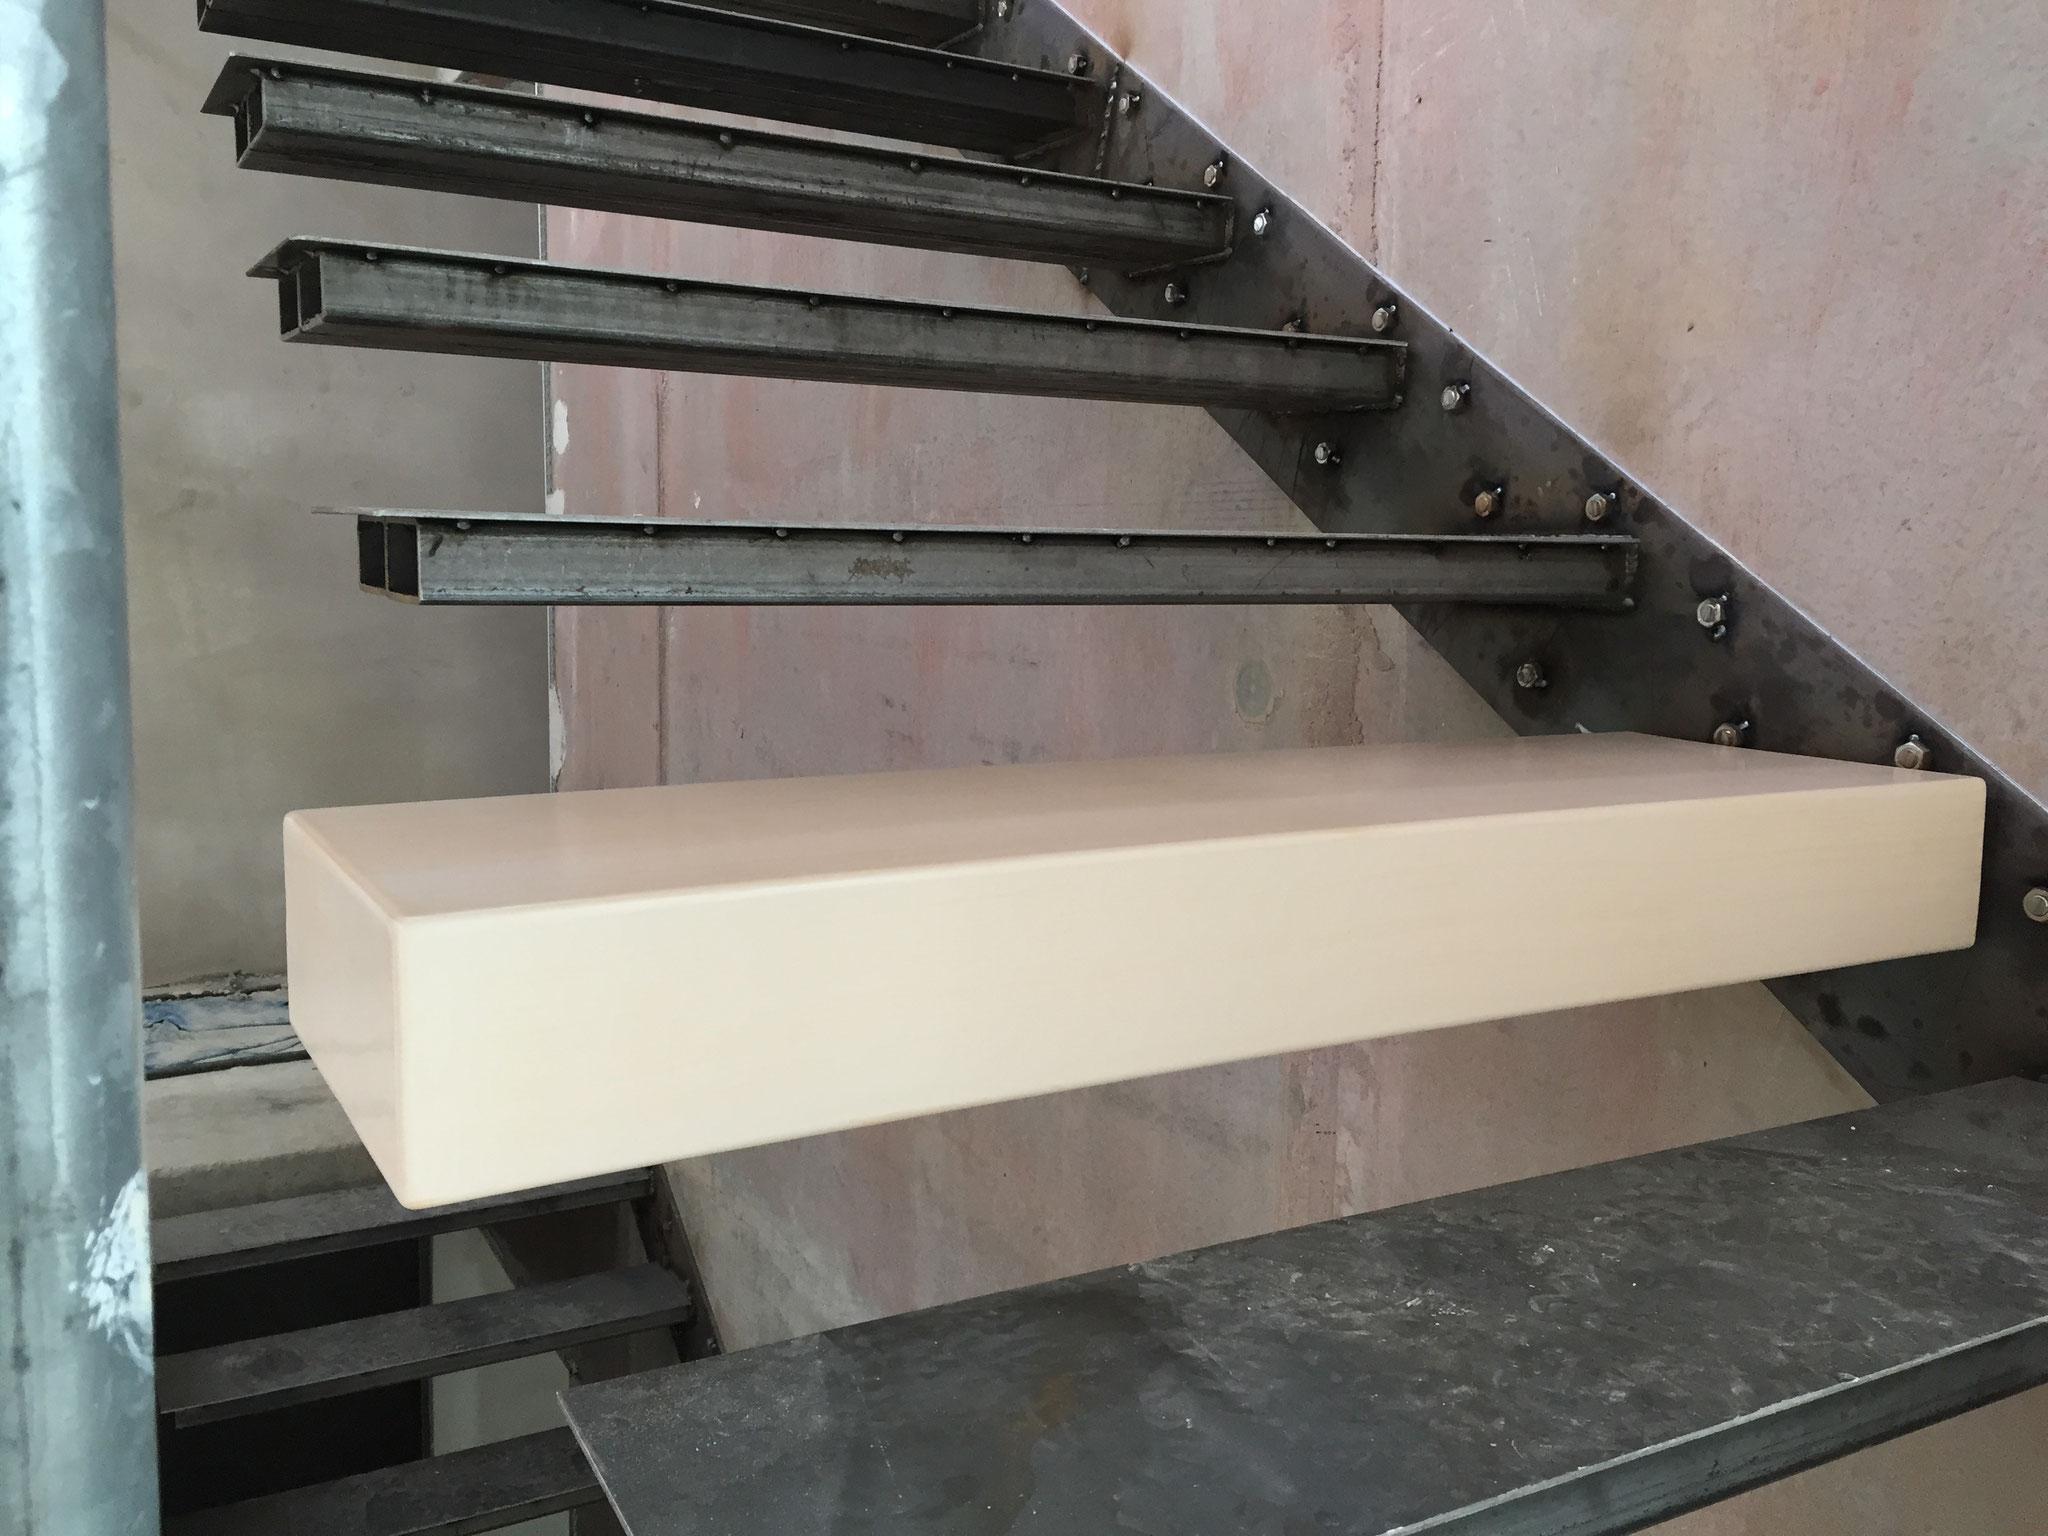 neuentwicklung jetzt auch treppenstufen aus keramik an treppenbau. Black Bedroom Furniture Sets. Home Design Ideas